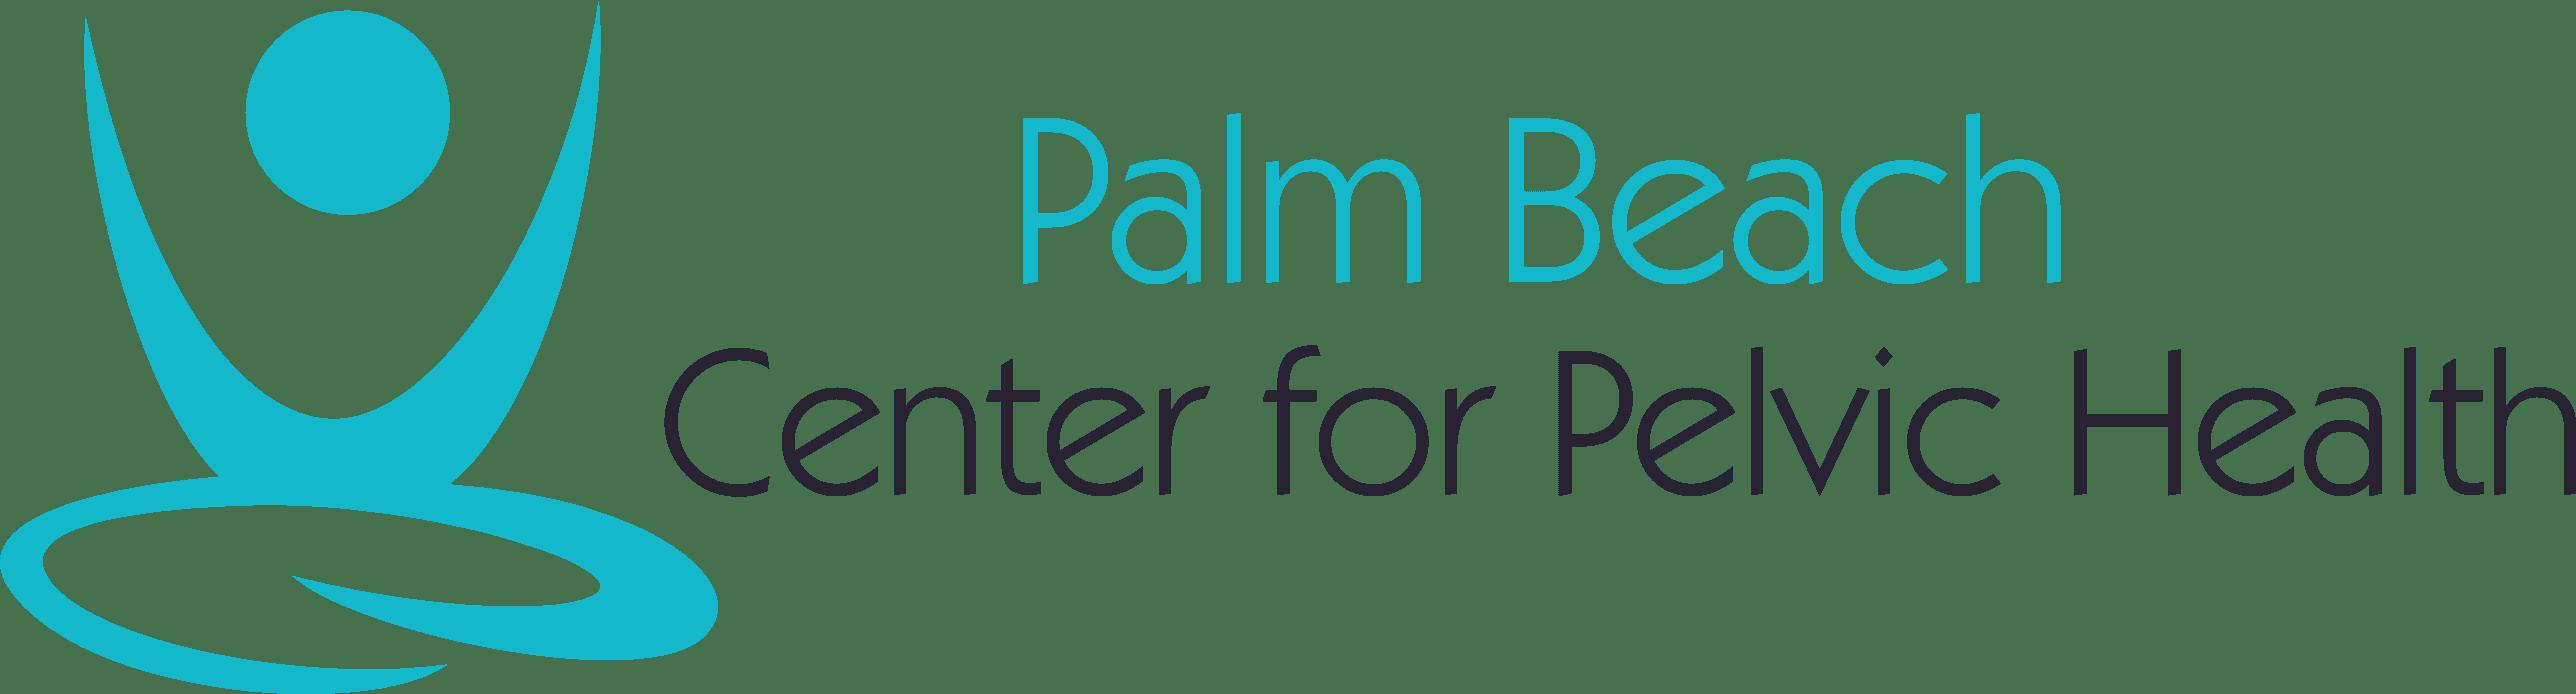 Palm Beach Center for Pelvic Health